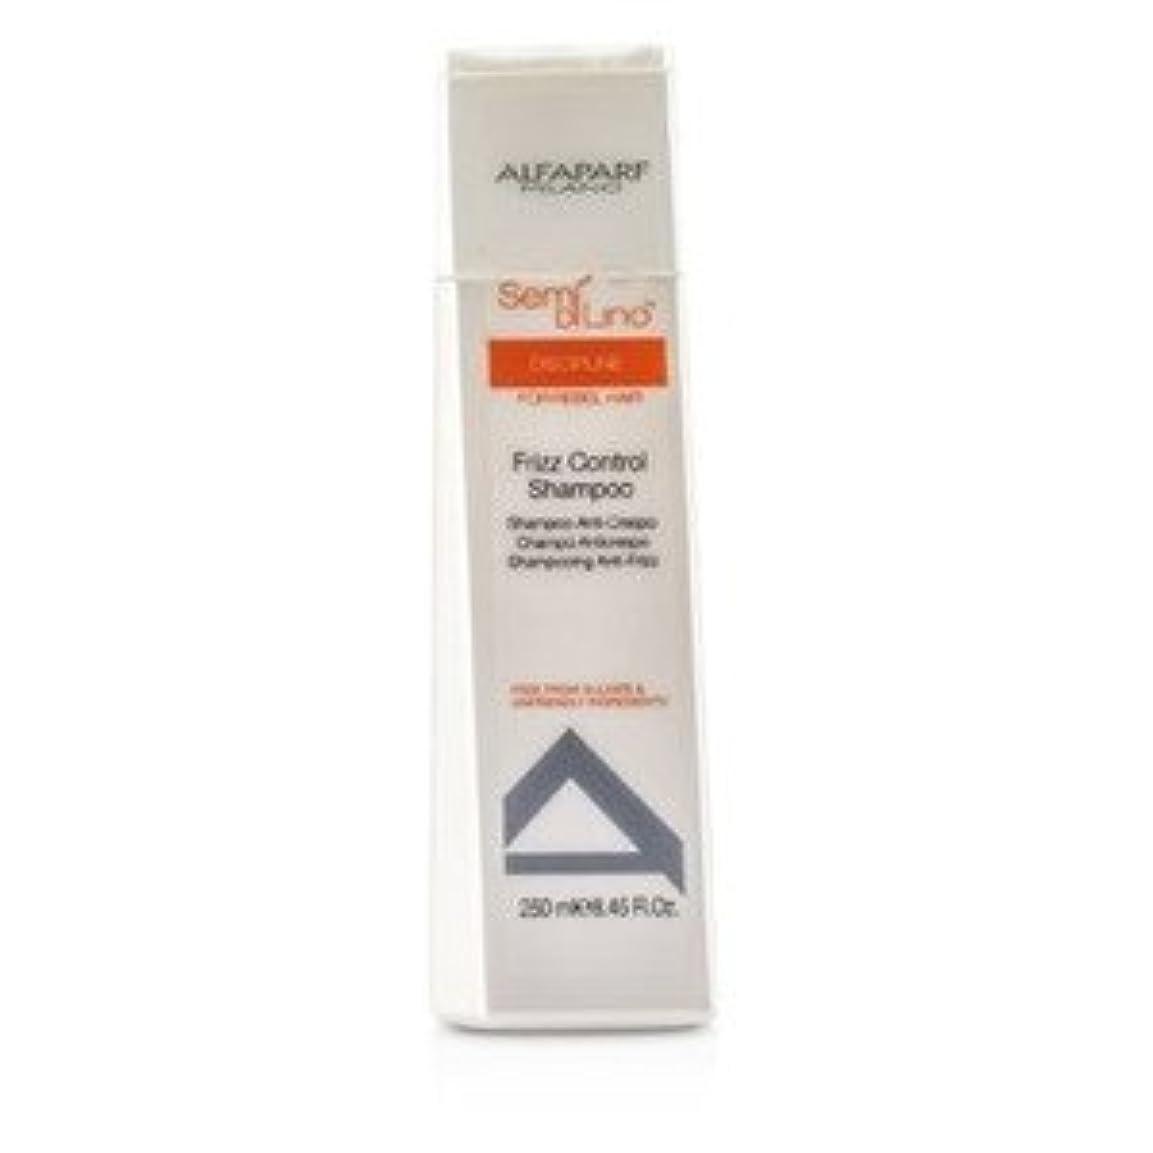 好きアーチ振り返るAlfaParf セミ ディ リノ ディシプリン フリッズ コントロール シャンプー(かさつきヘア用) 250ml/8.45oz [並行輸入品]